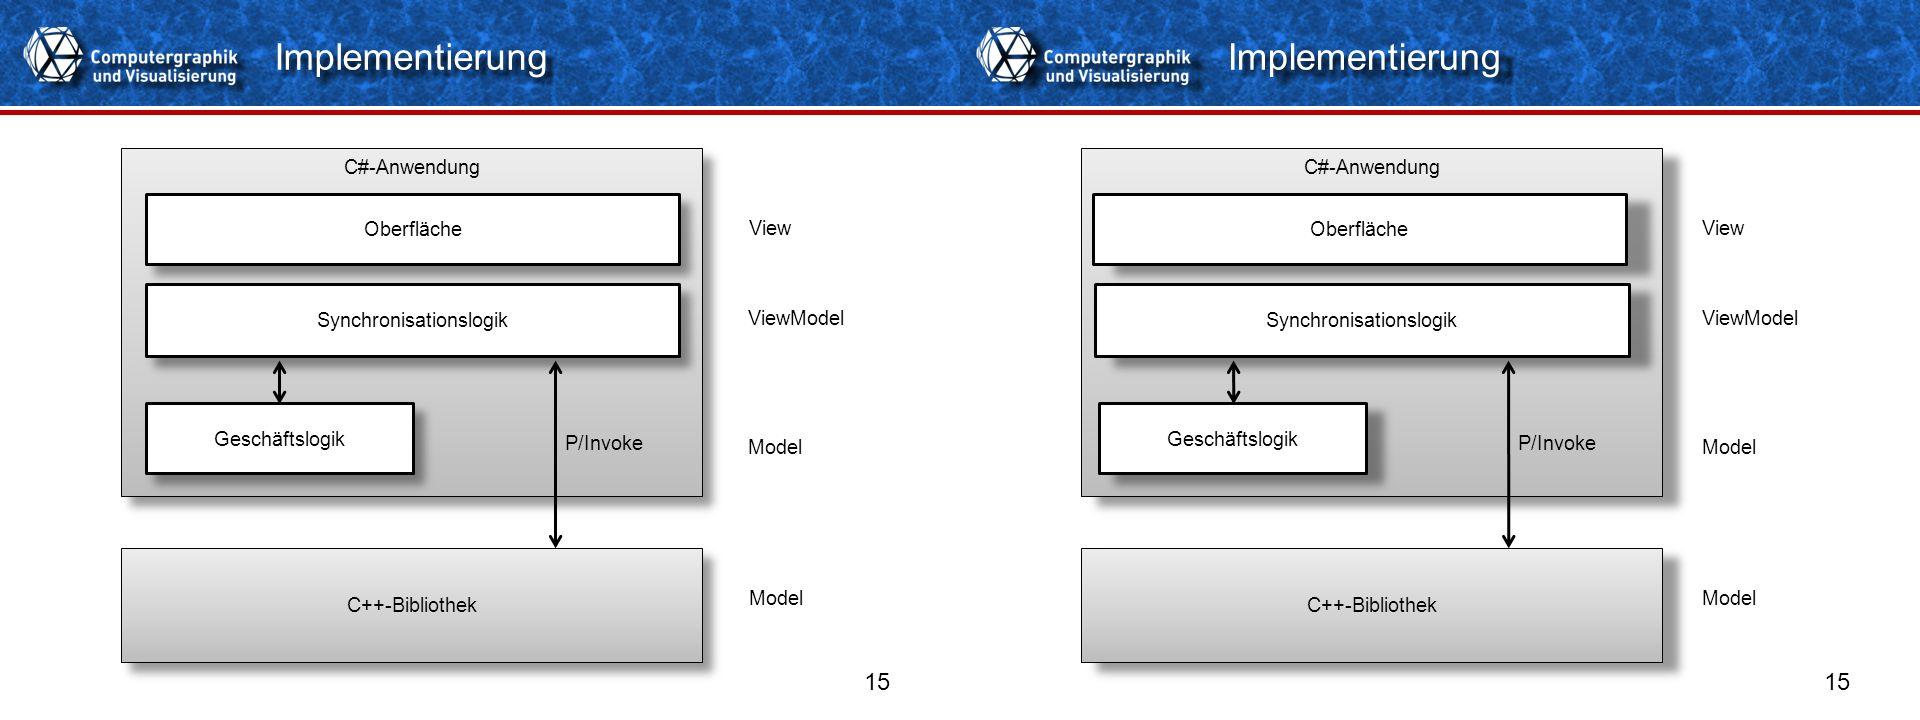 Titelformat Einzeiler 15 Implementierung C#-Anwendung Oberfläche Synchronisationslogik Geschäftslogik C++-Bibliothek P/Invoke View ViewModel Model C#-